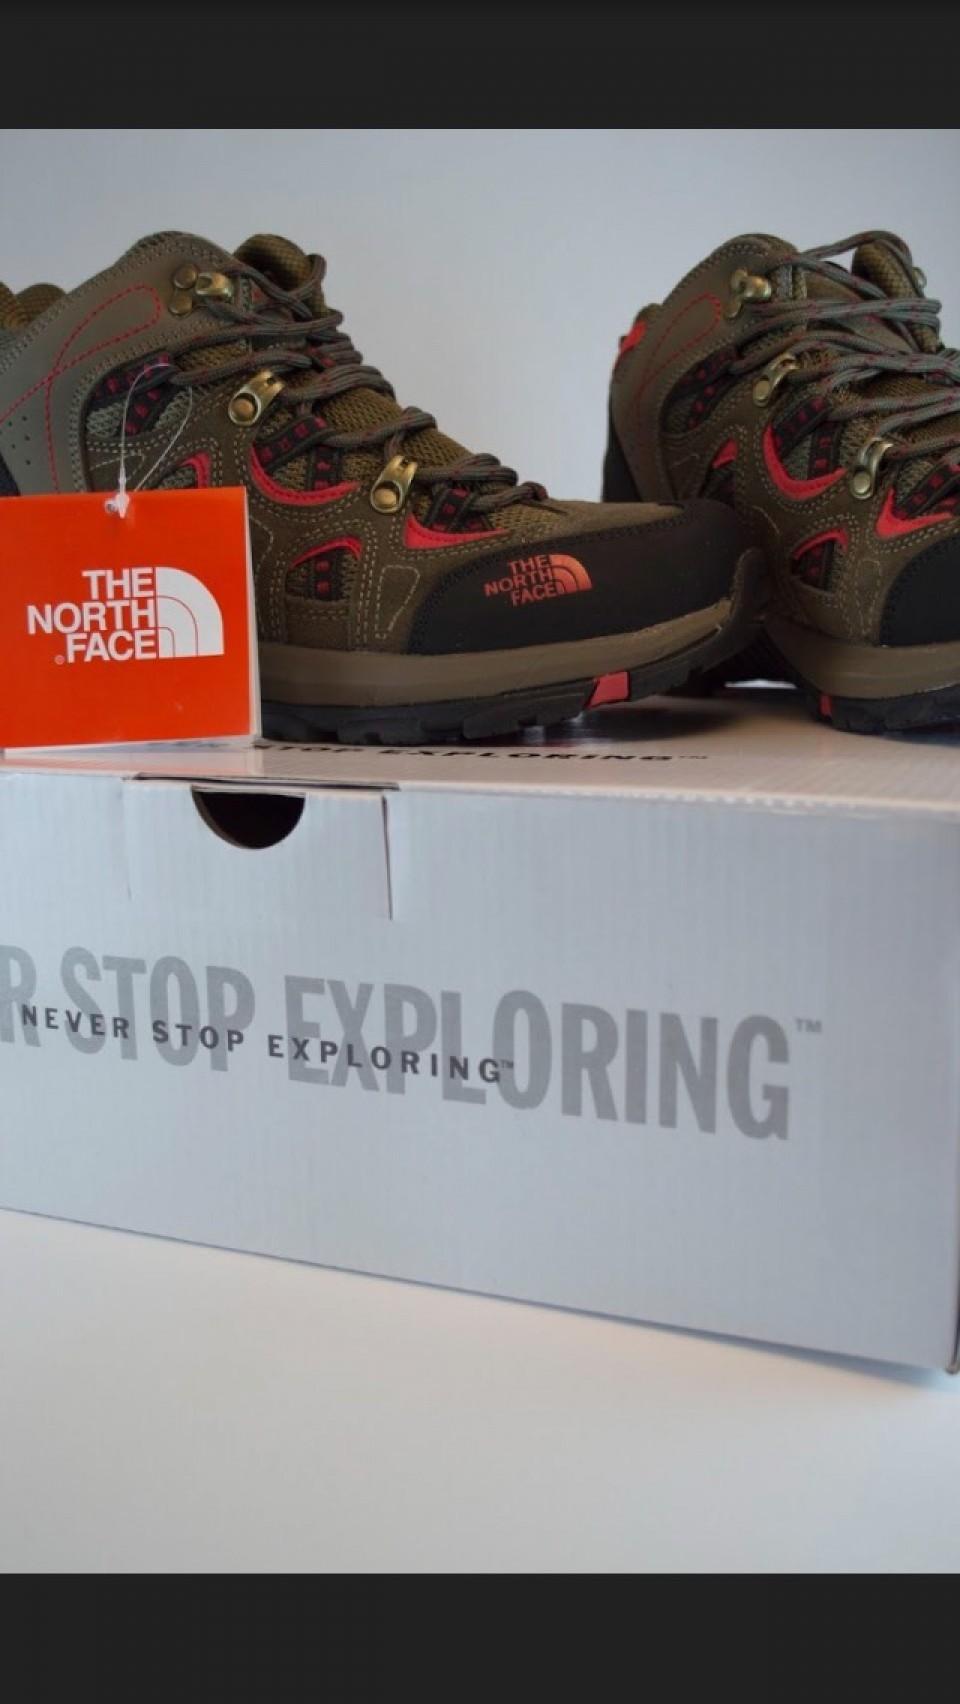 6c6c64c36c7 Ограничени количества 40,41, 42,43,НАЛИЧНИ 3 цвята Новия модел есенно-зимни  outdoor оригинални обувки на фирма THE NORTH FACE модел CEDAR MESA 9828 ...